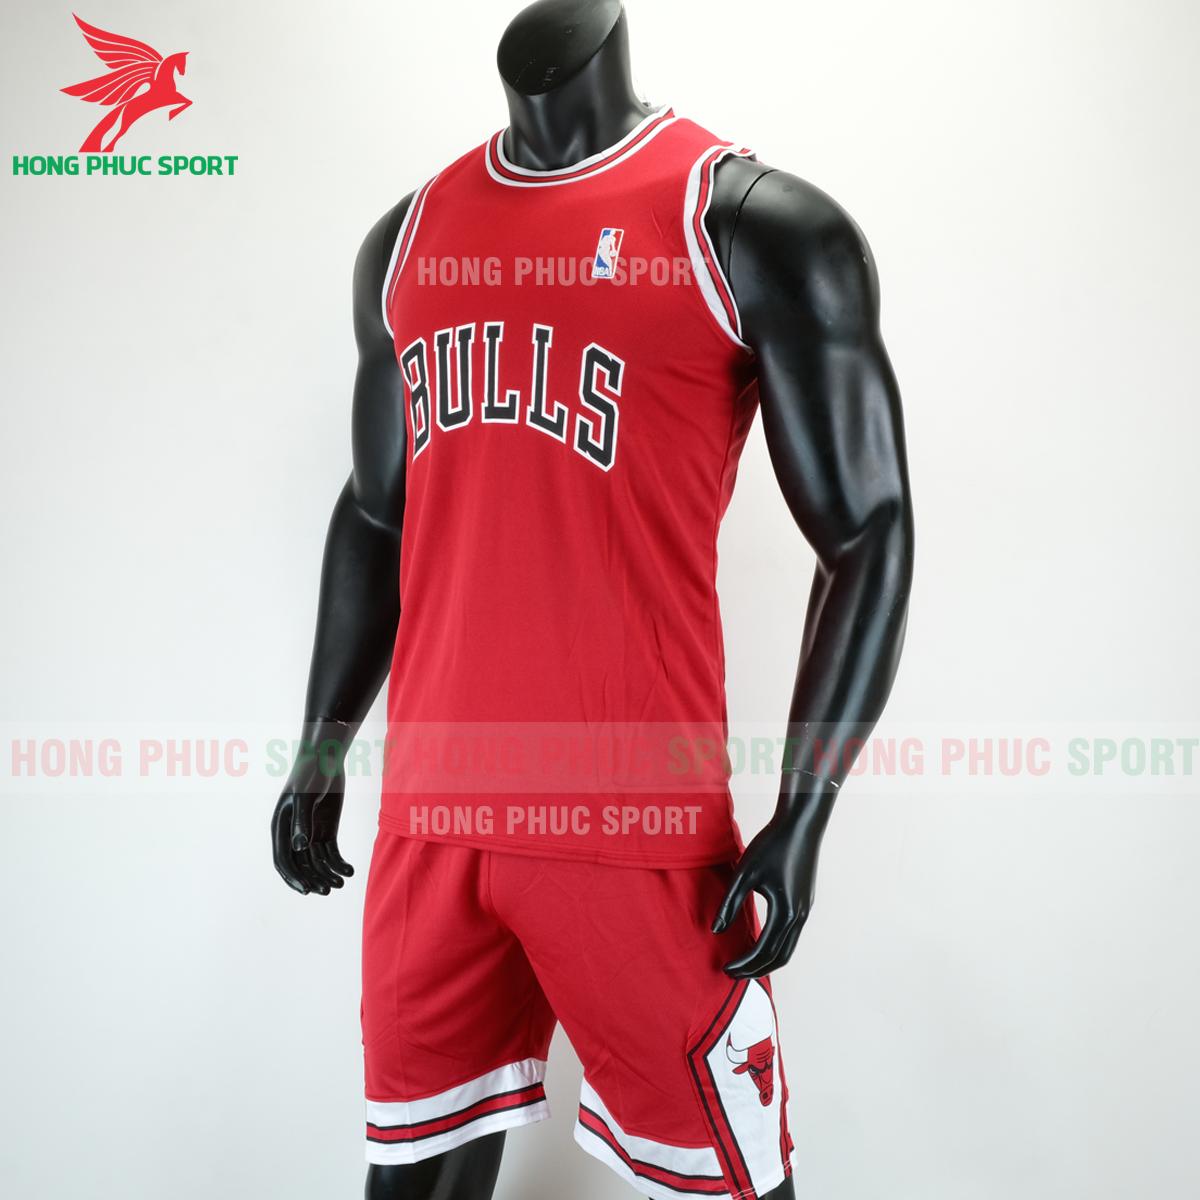 Áo bóng rổ Bulls 2020 màu đỏ (trái)